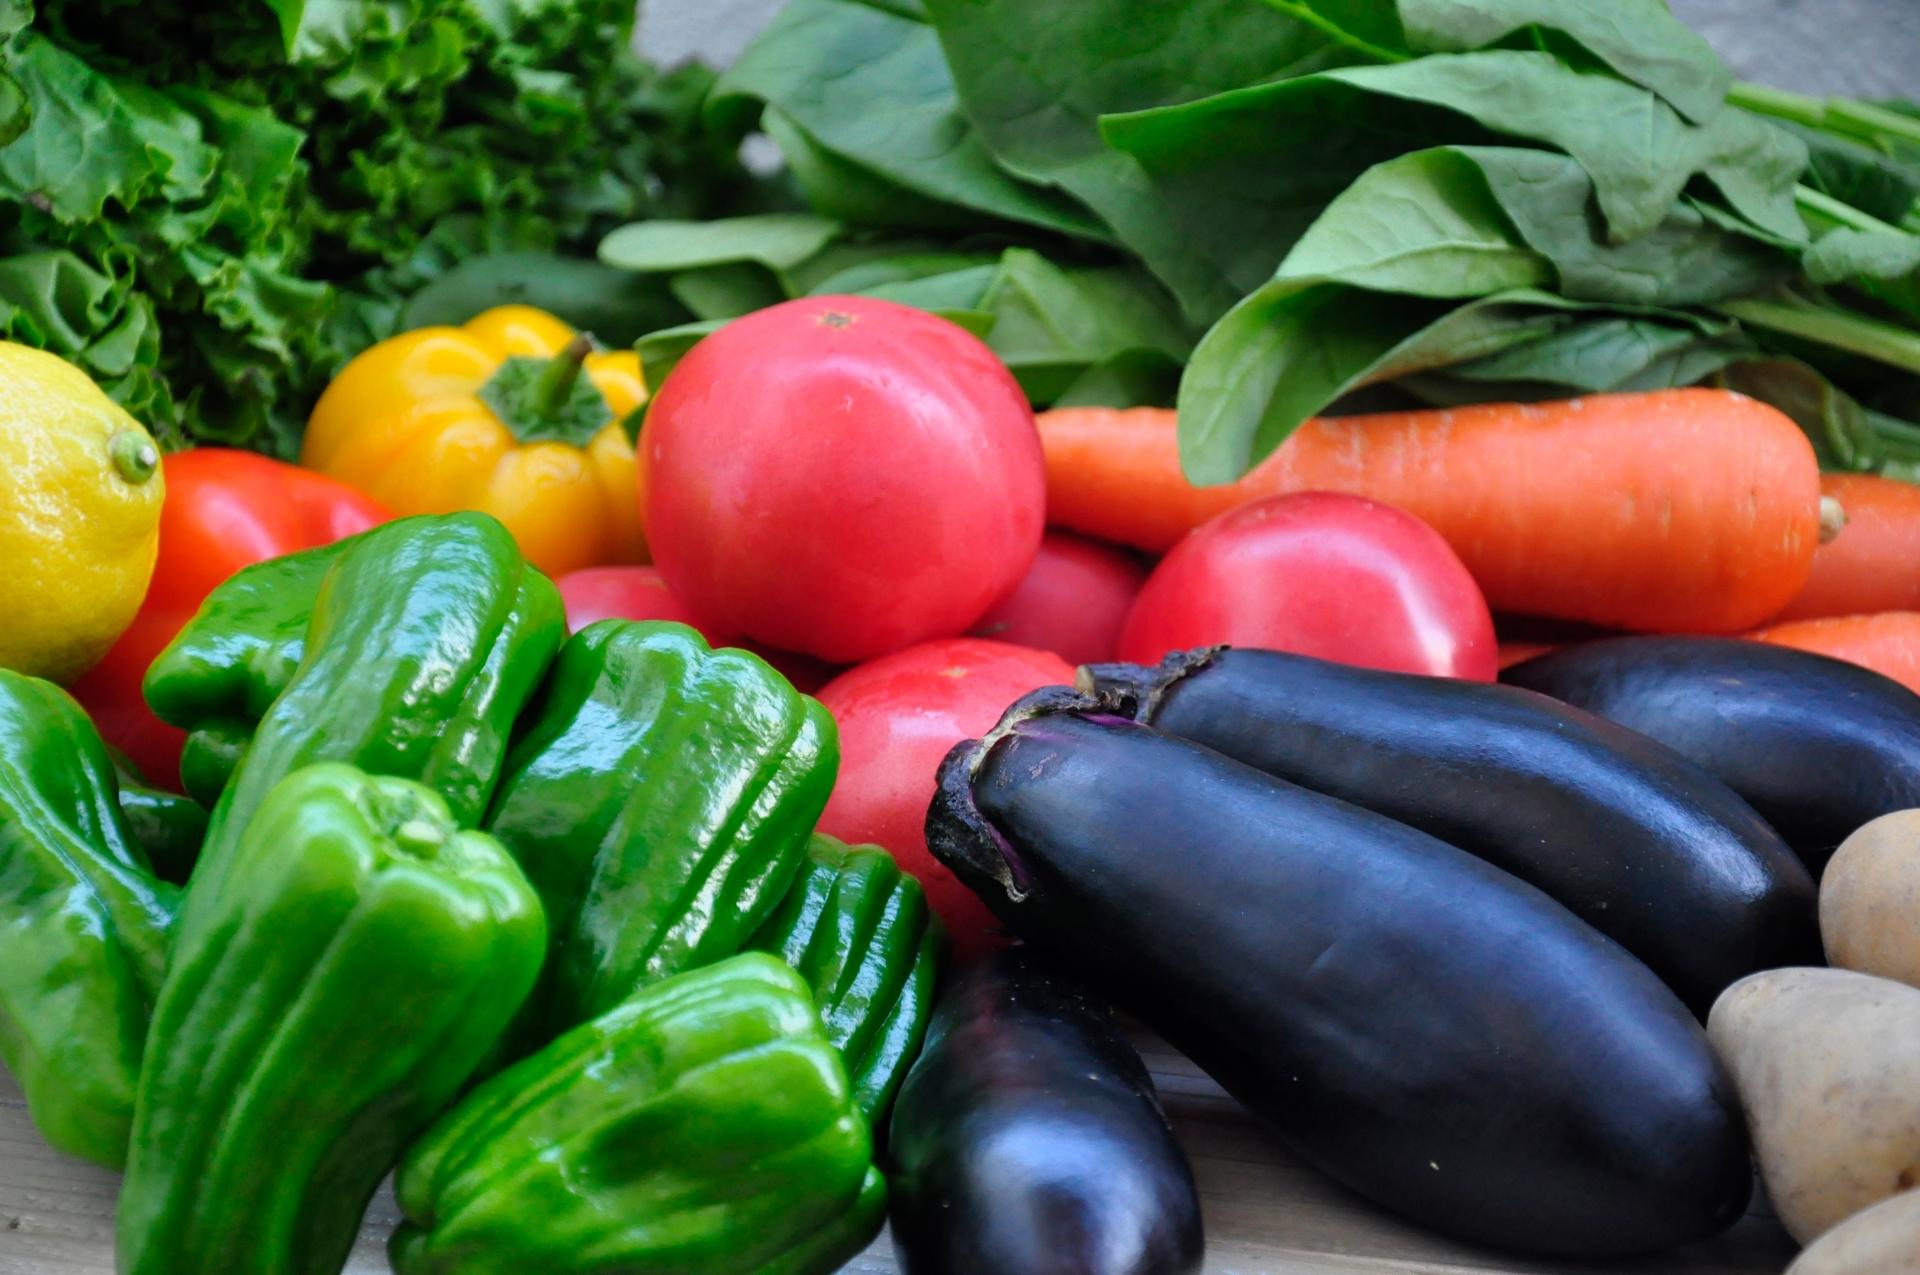 3月に植えるべき野菜10選!家庭菜園で3月から育てやすい野菜苗は何?